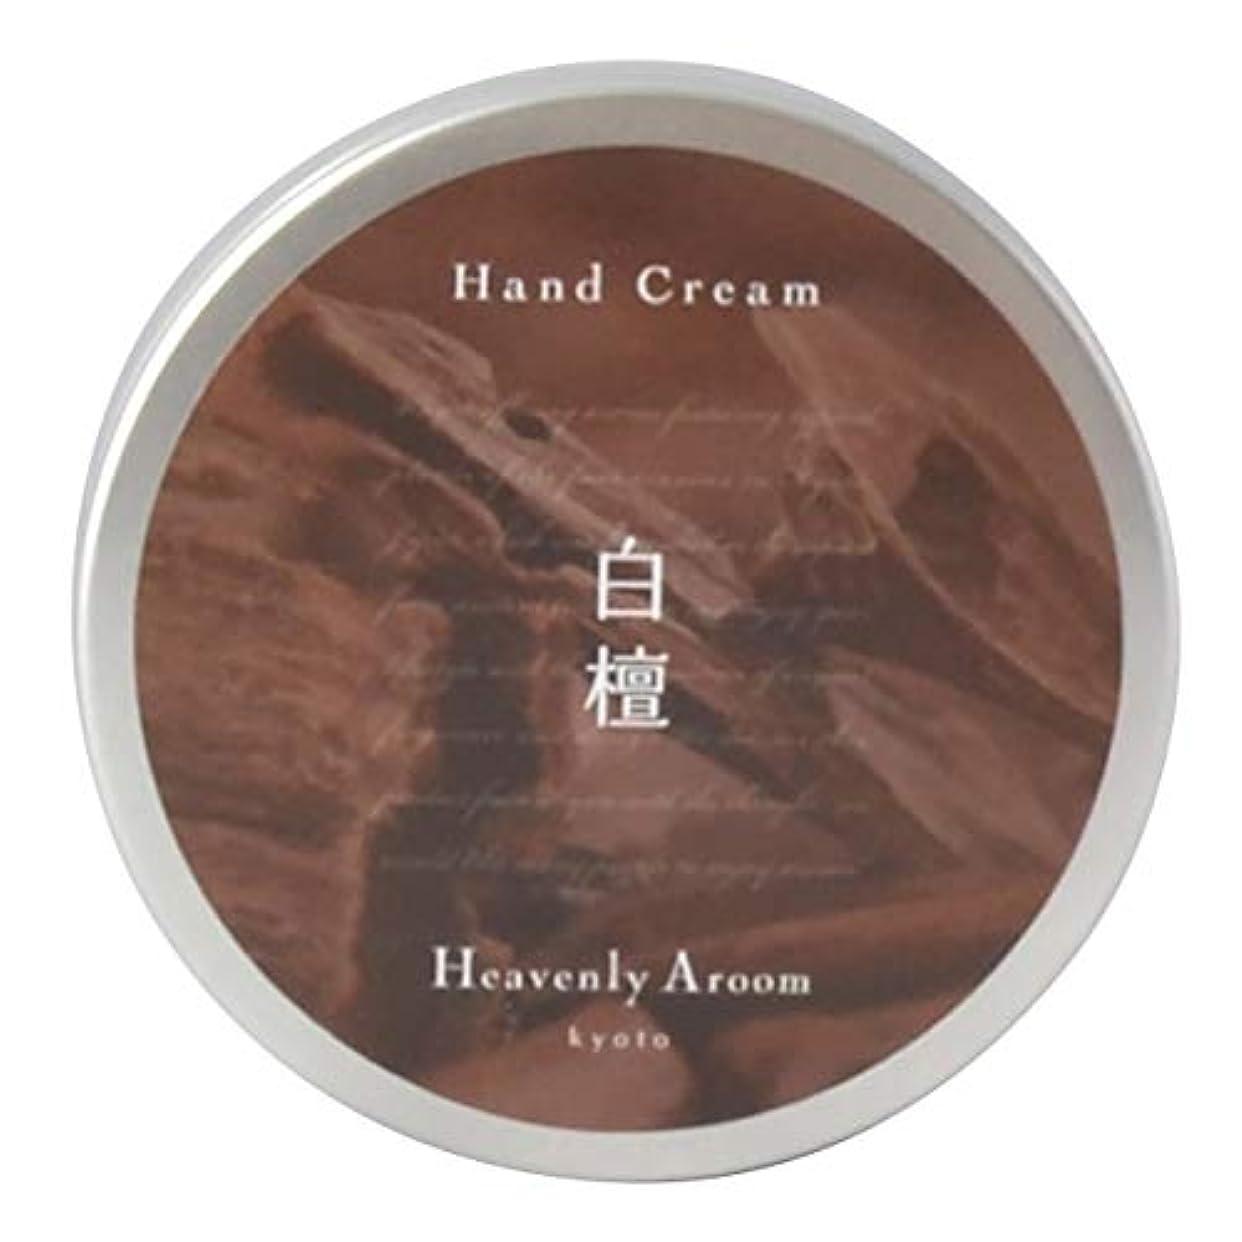 アセたっぷり環境保護主義者Heavenly Aroom ハンドクリーム 白檀 75g